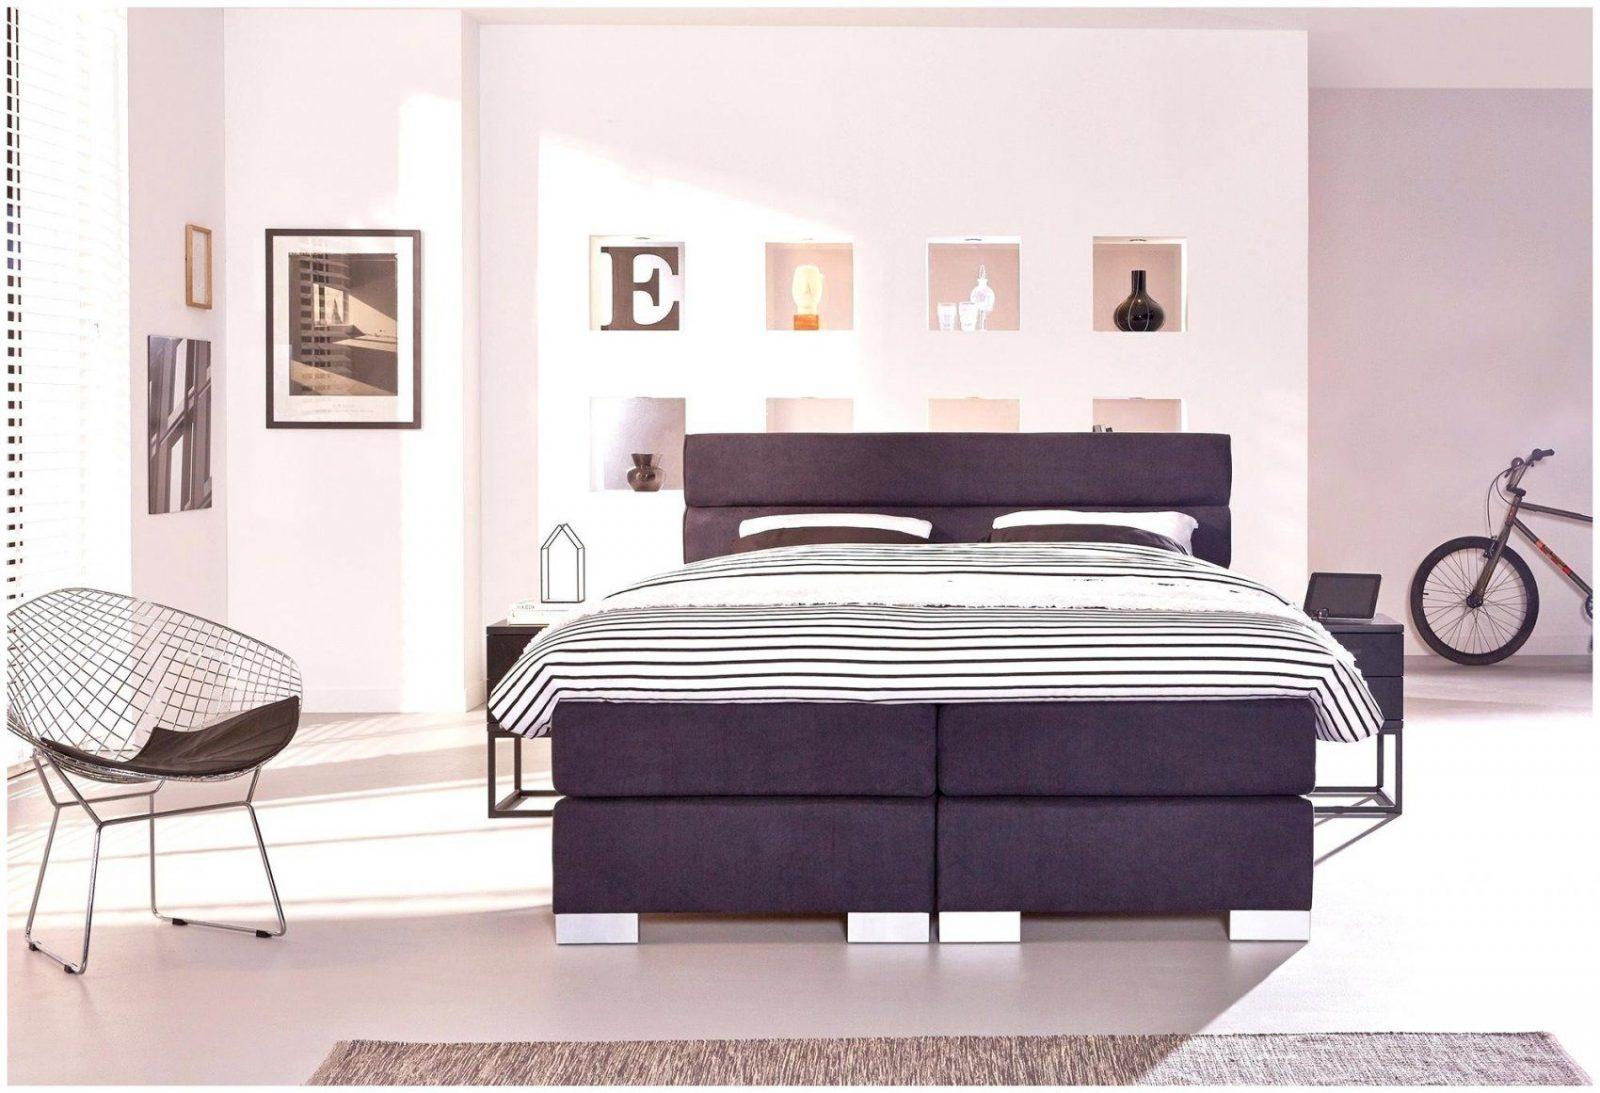 Erstaunlich Ruf Betten Test Sammlung Von Bett Stil 45418  Bett Ideen von Ruf Boxspringbett Verena Test Bild